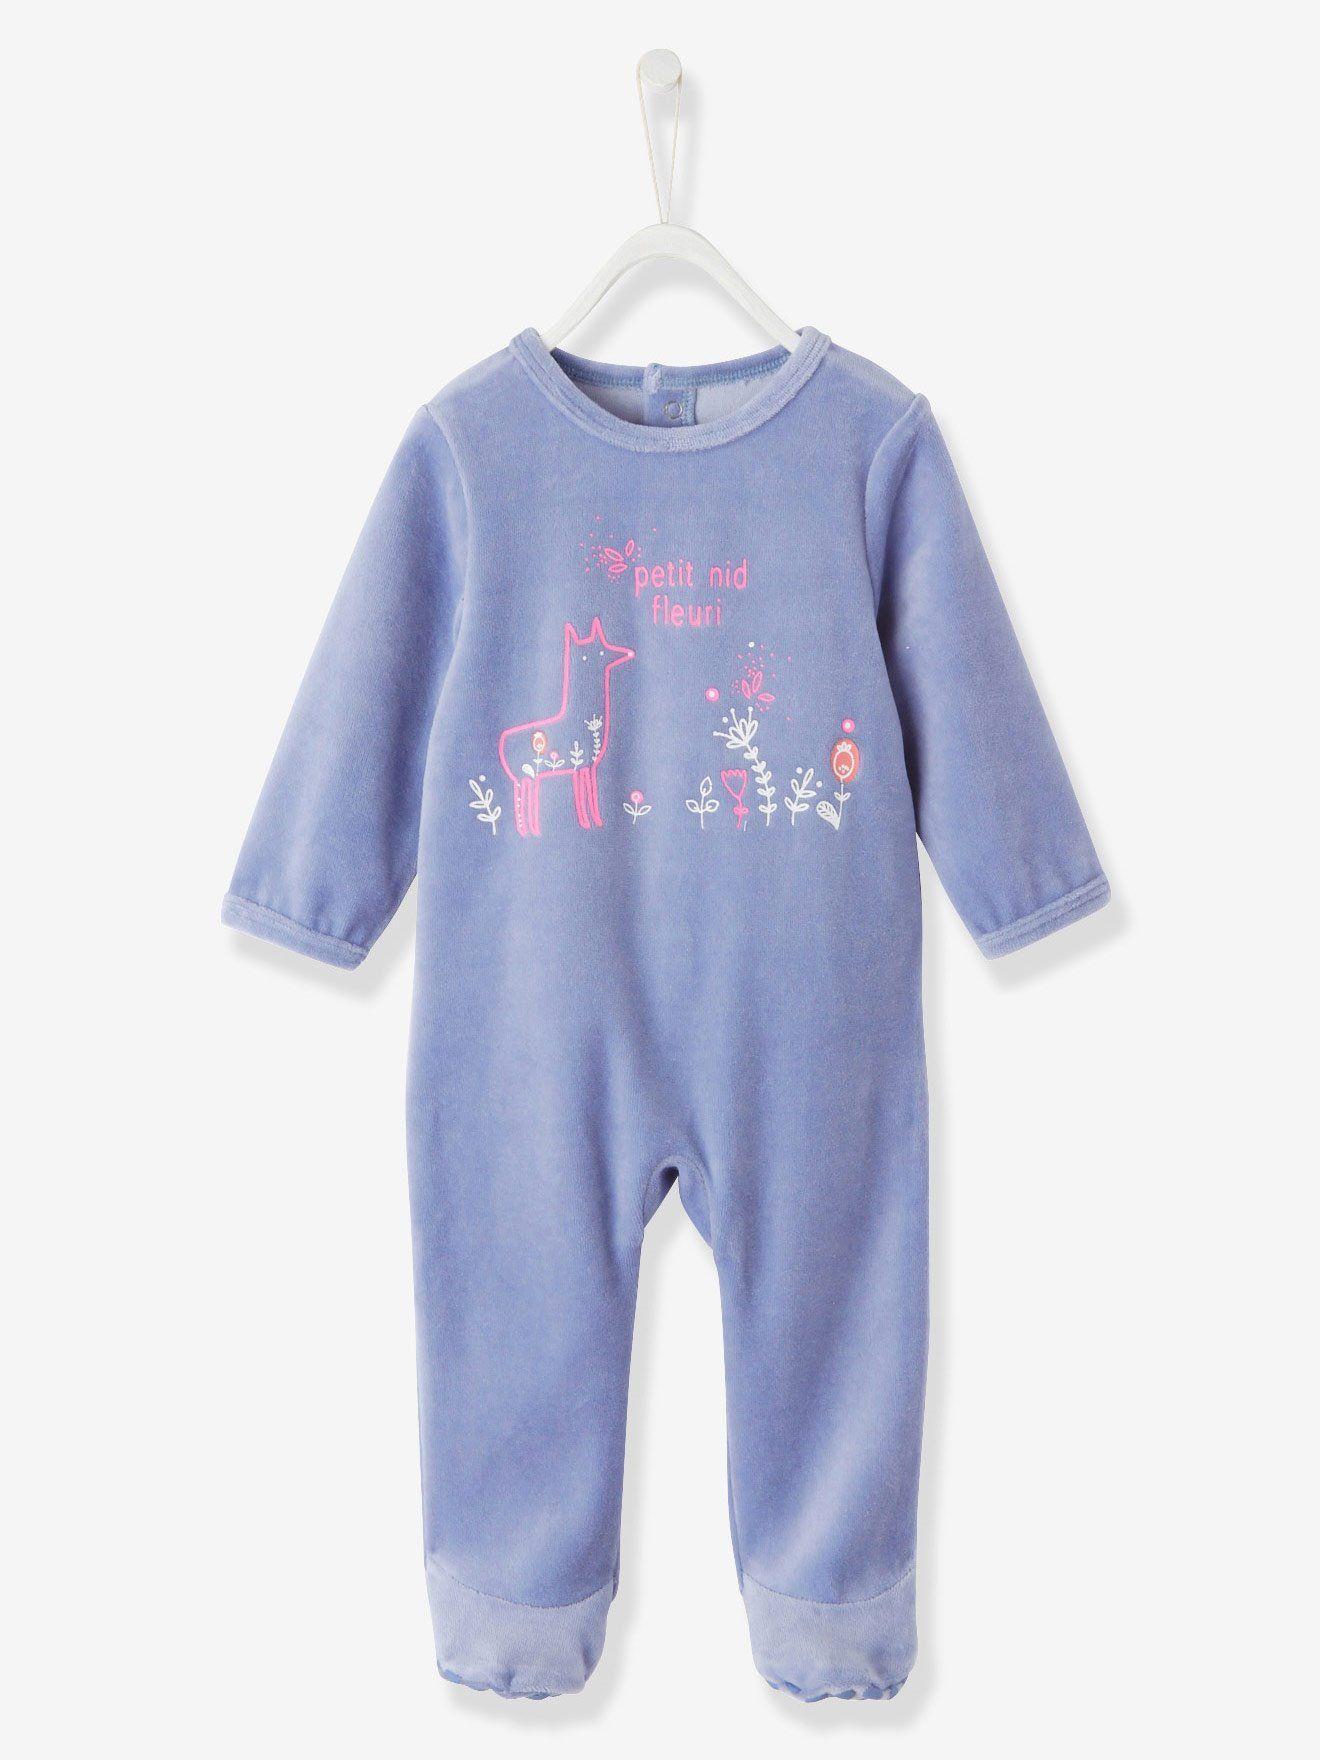 624788a1a4d98 Pyjama bébé velours bleu clair grisé imprimé - Bien dans son petit nid, bien  dans